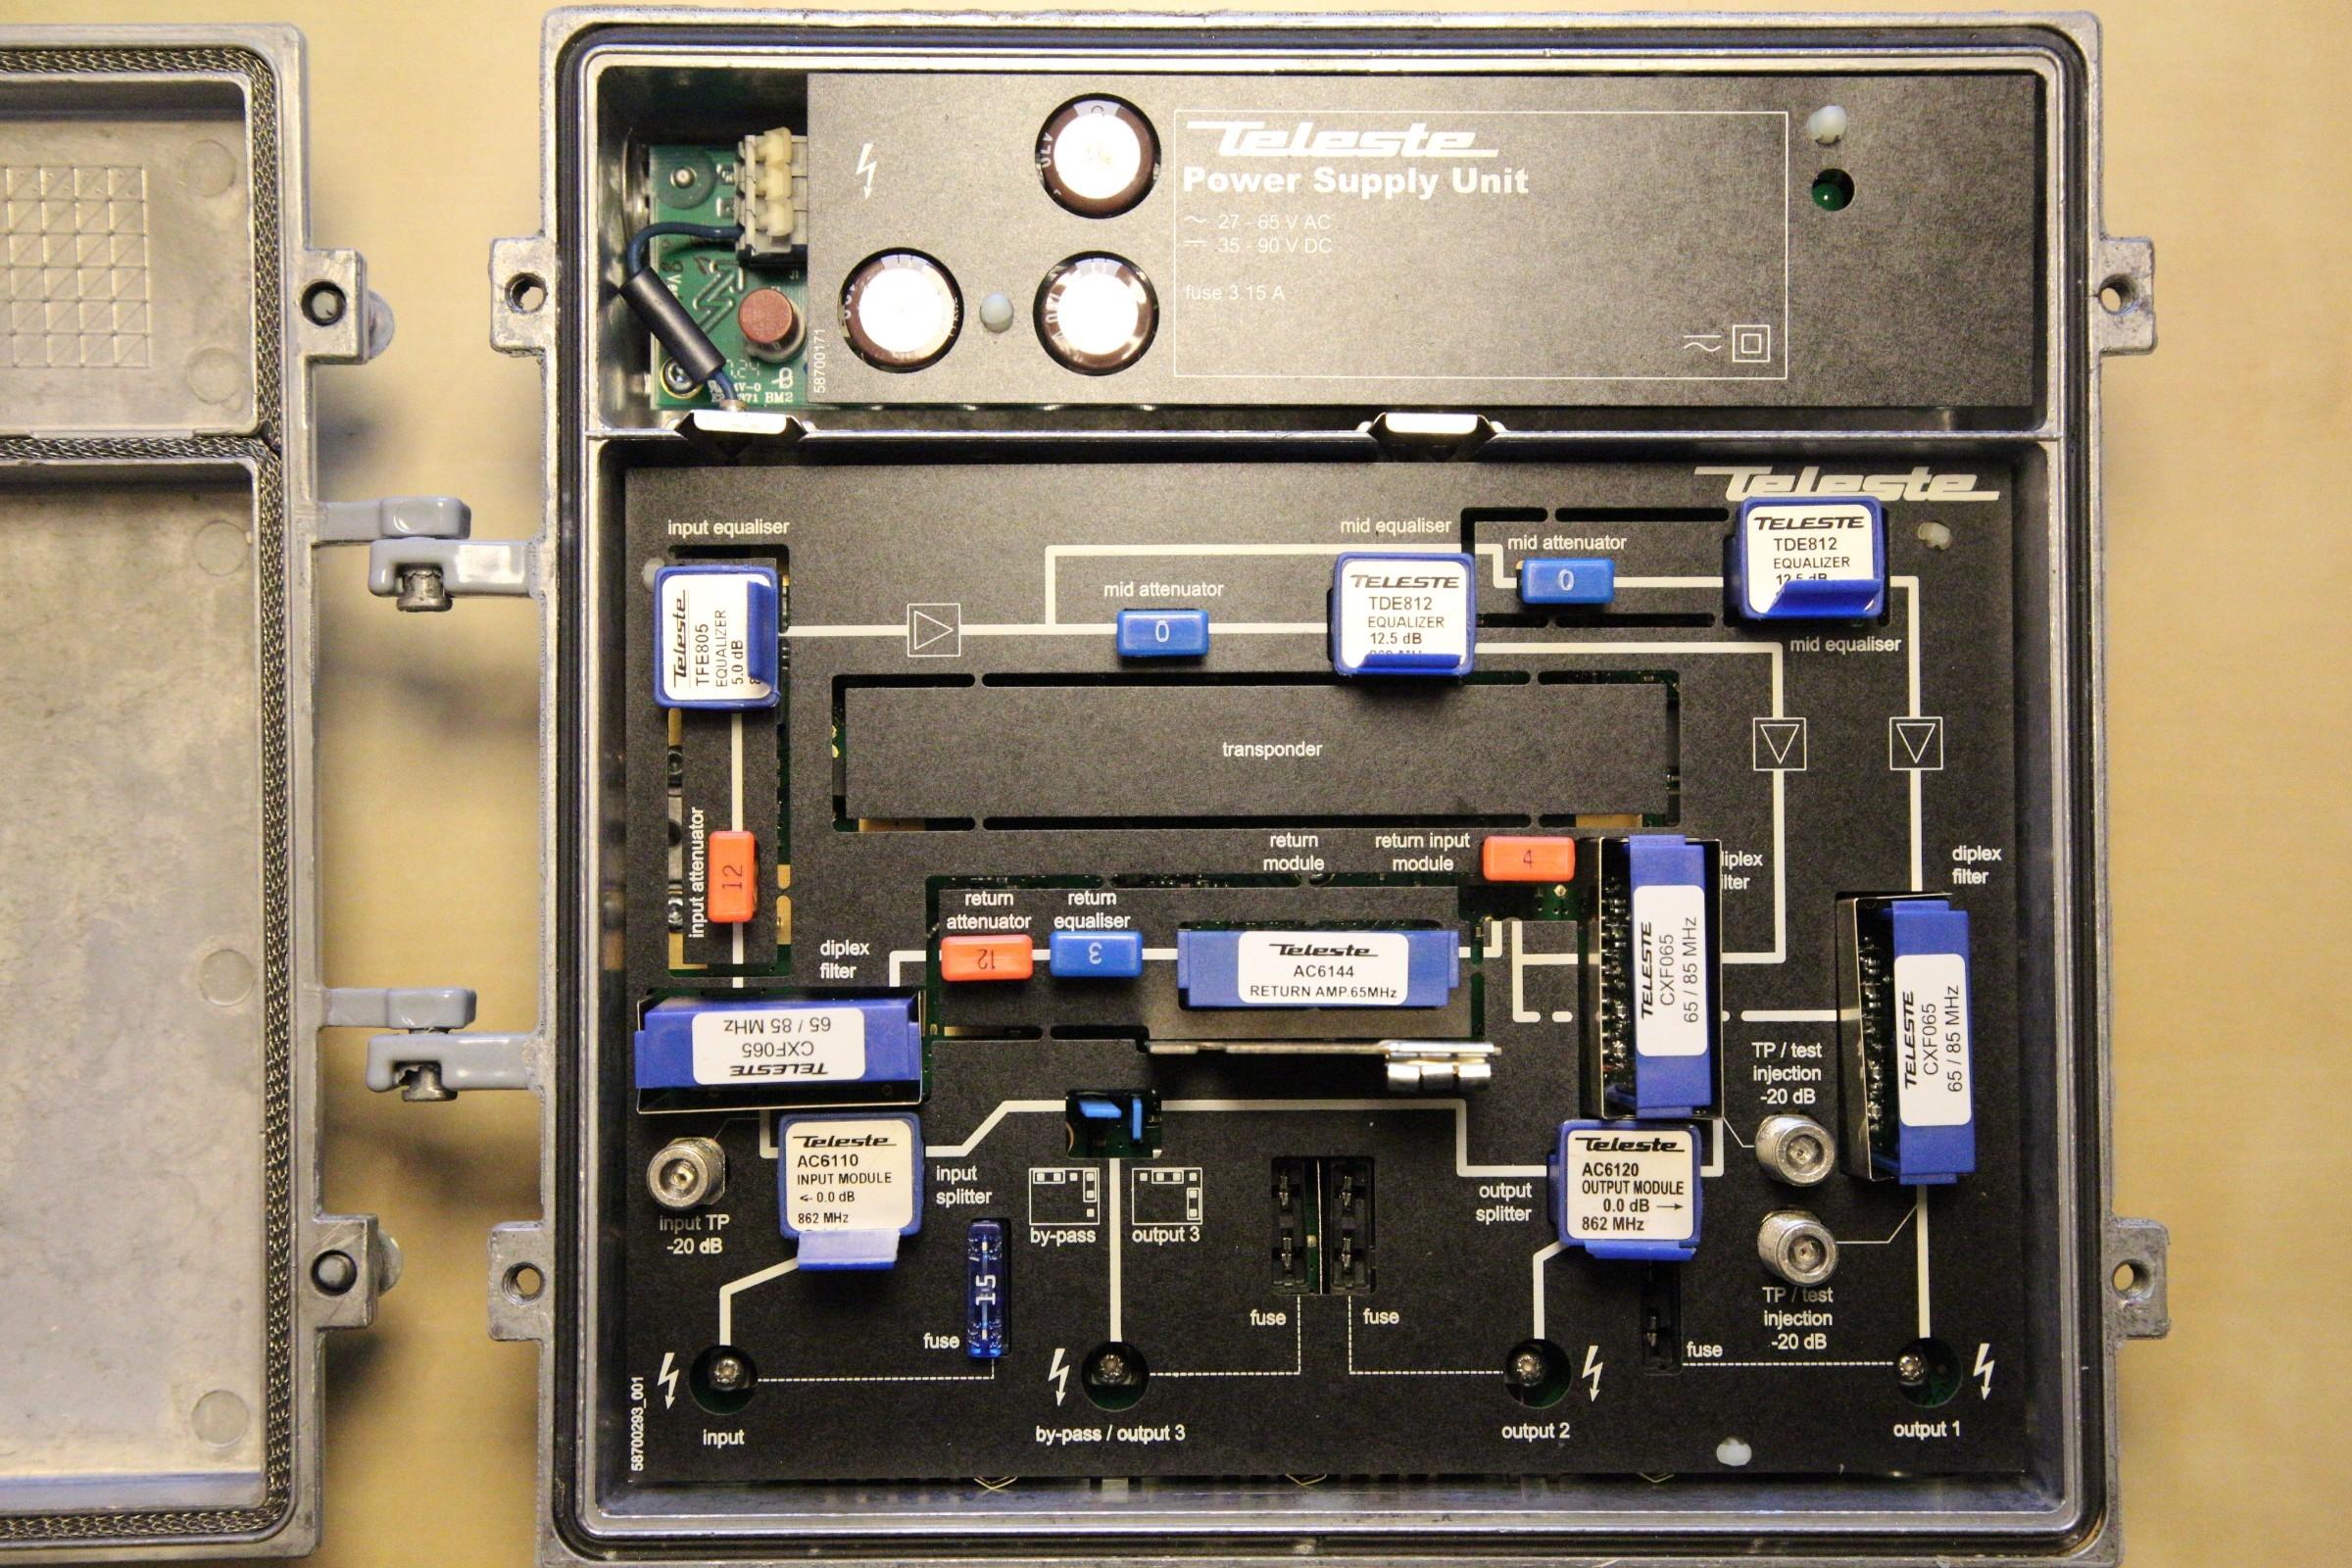 Cable TV dropbox Teleste AC2000